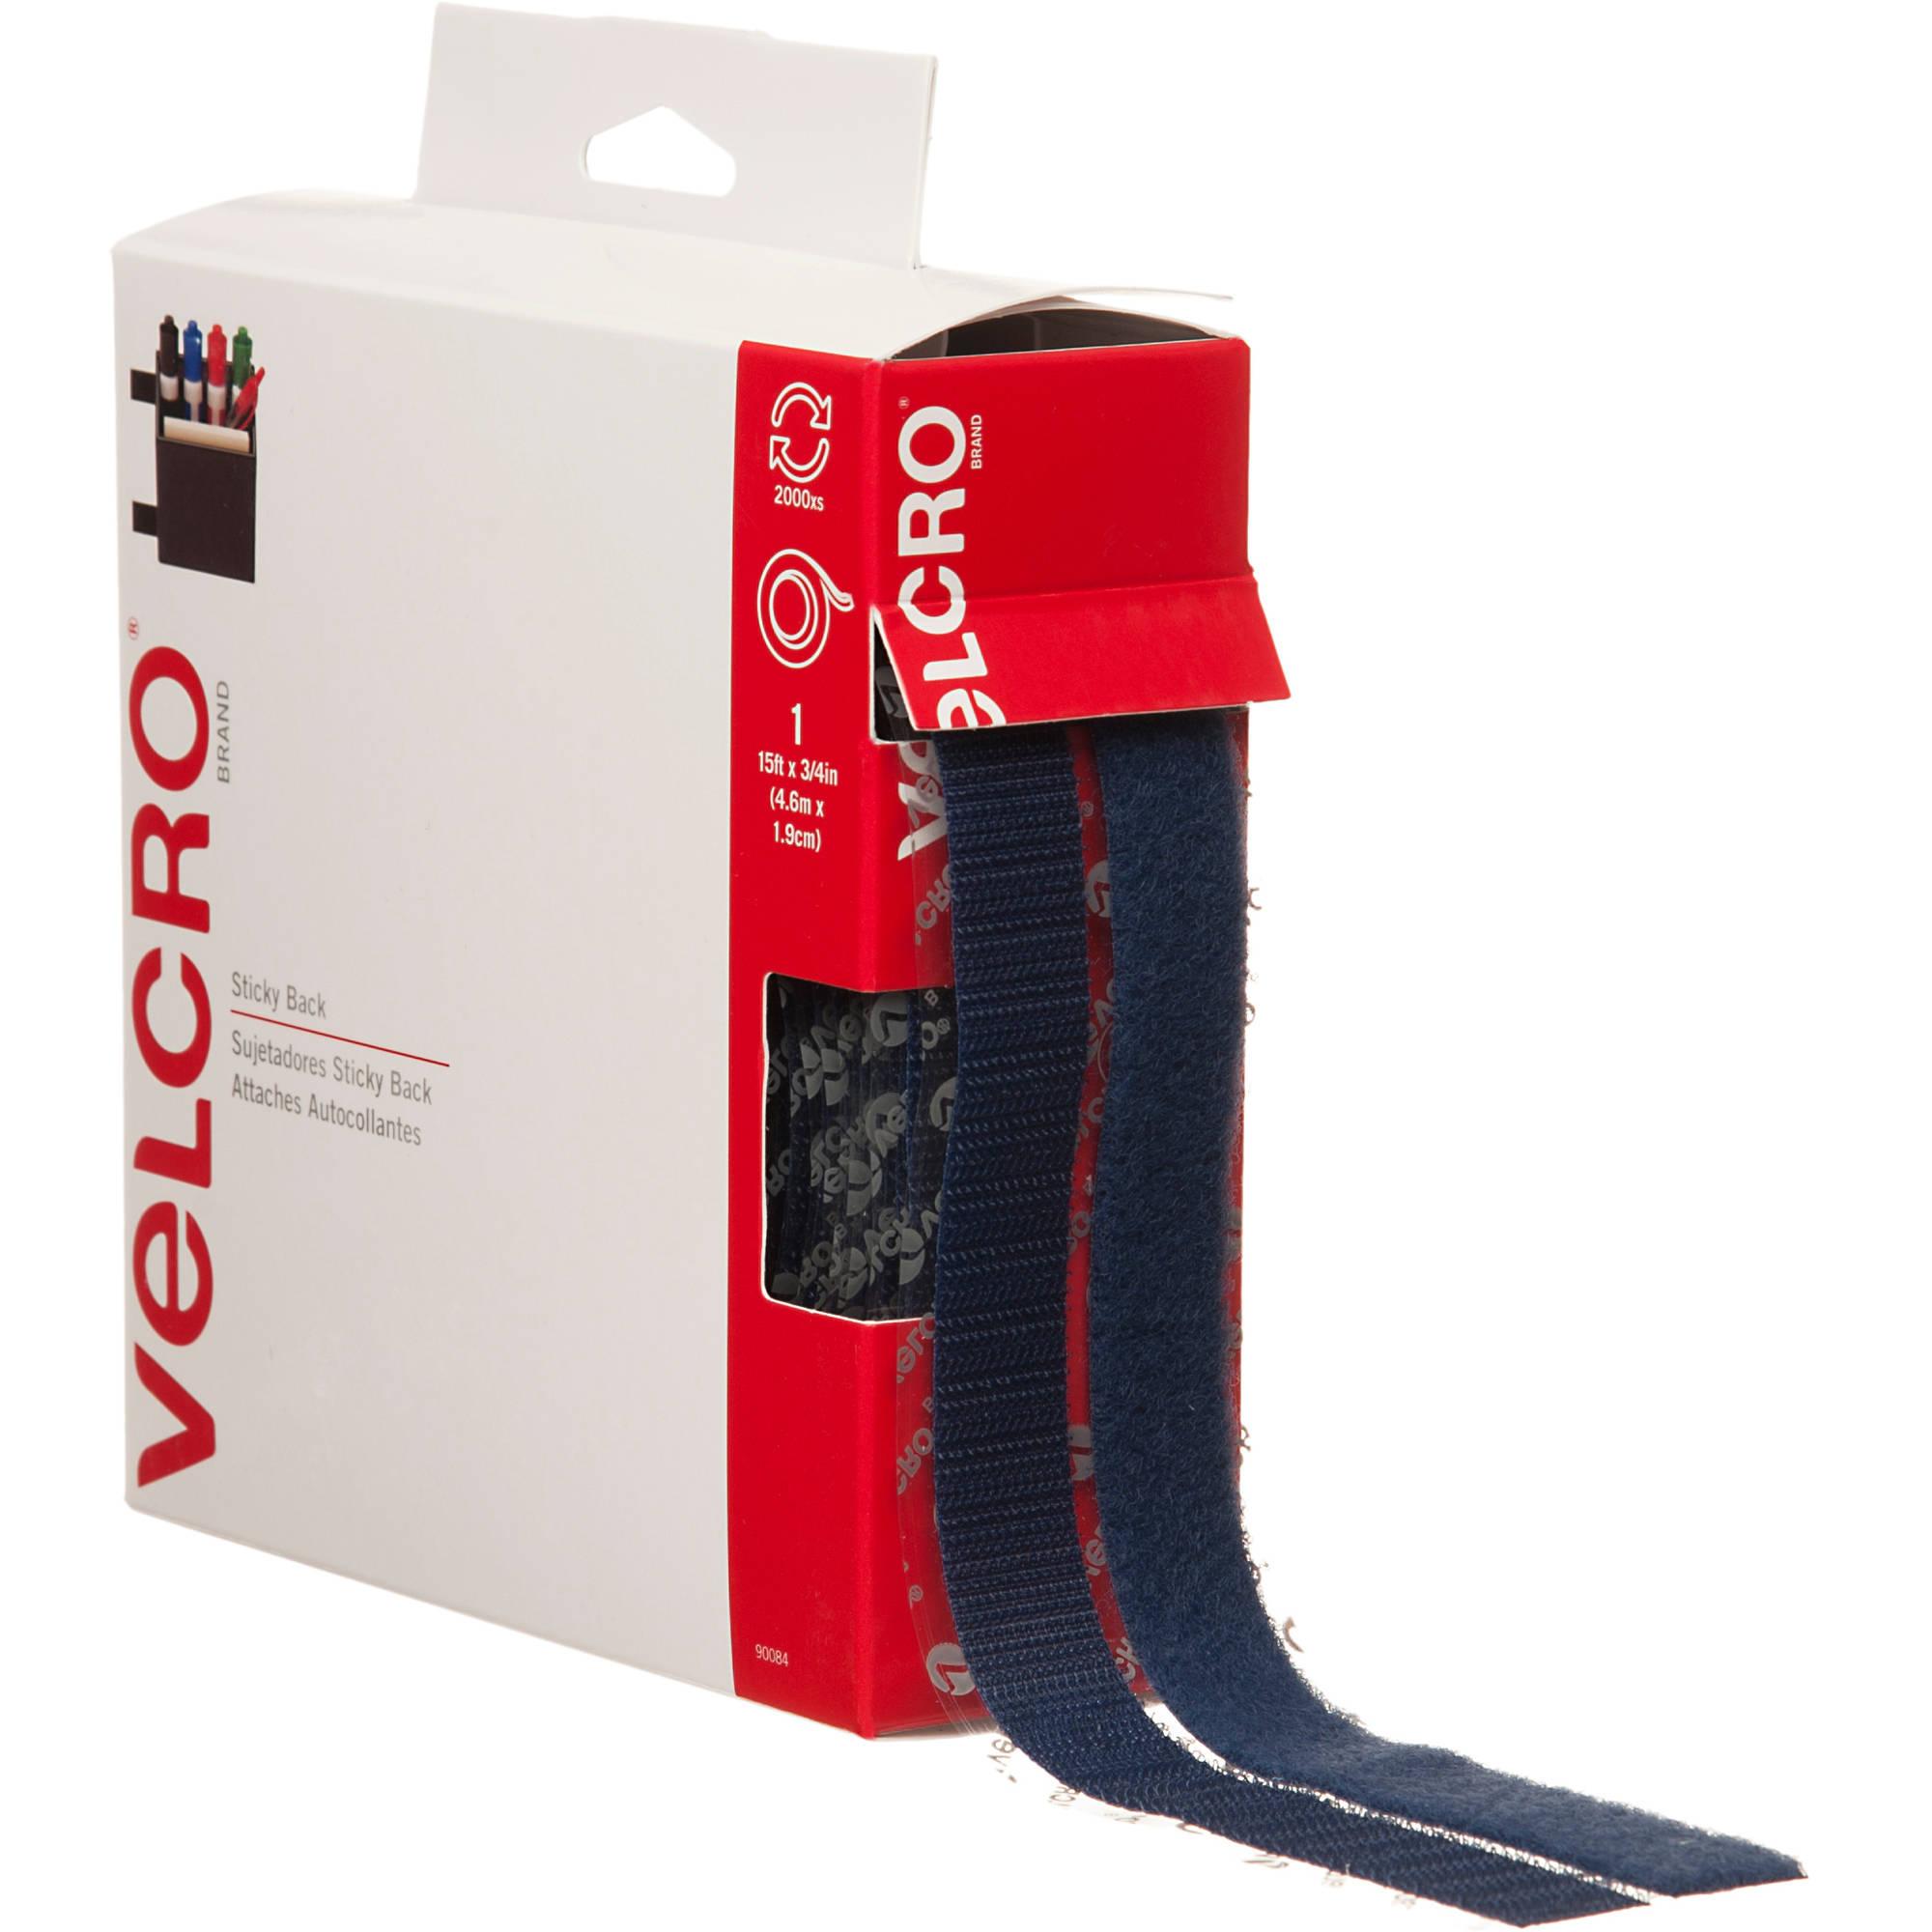 """Velcro Sticky Back Tape, 15' x 3/4"""", Navy"""